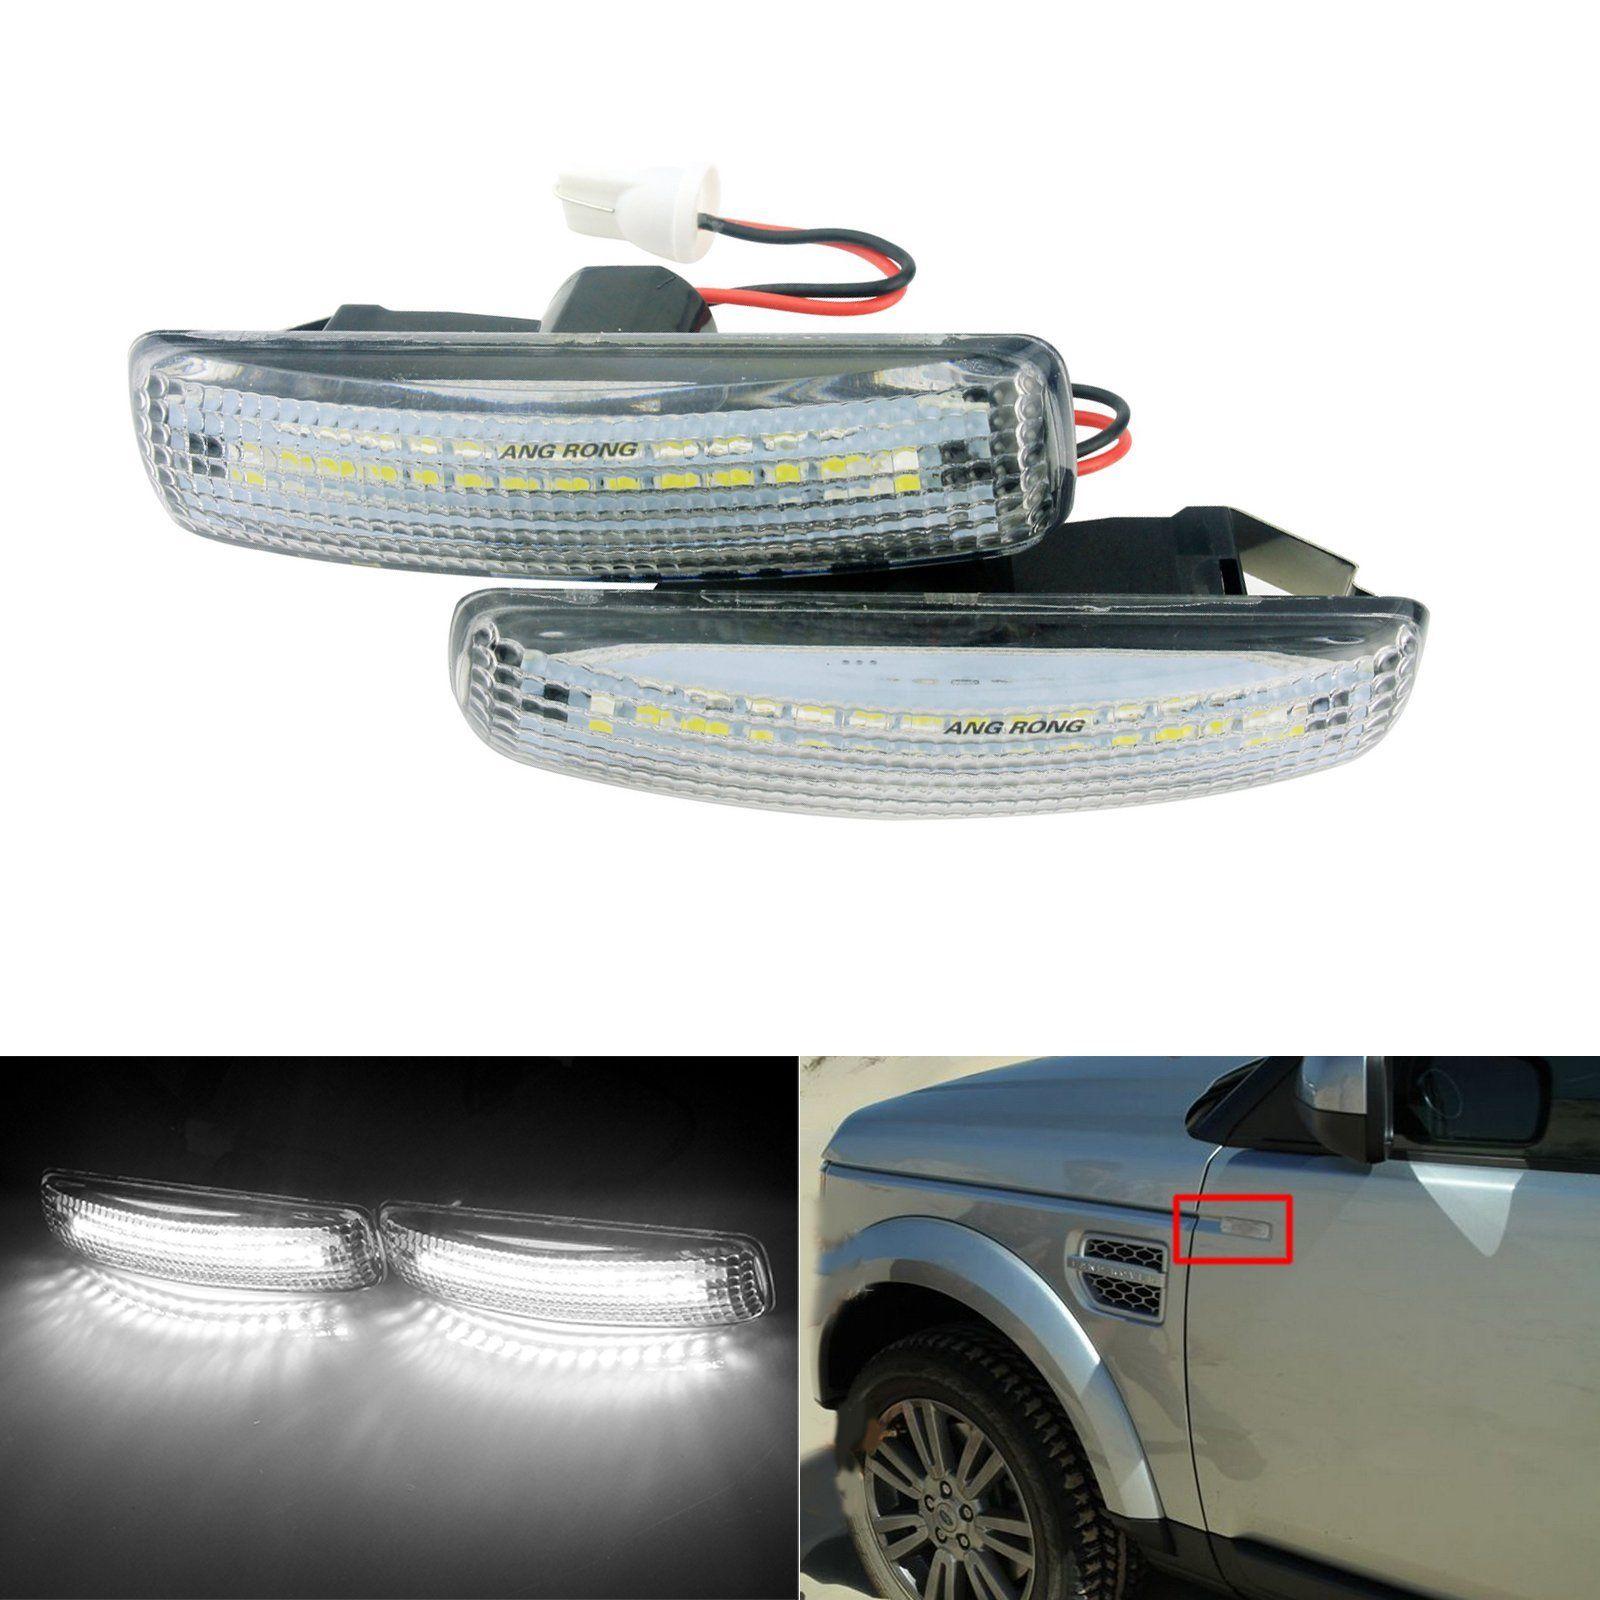 Cavis for LR3 LR4 Range Rover Sport Rear Bumper Reflector Brake Lamp Taillight Reflector Light Brake Light